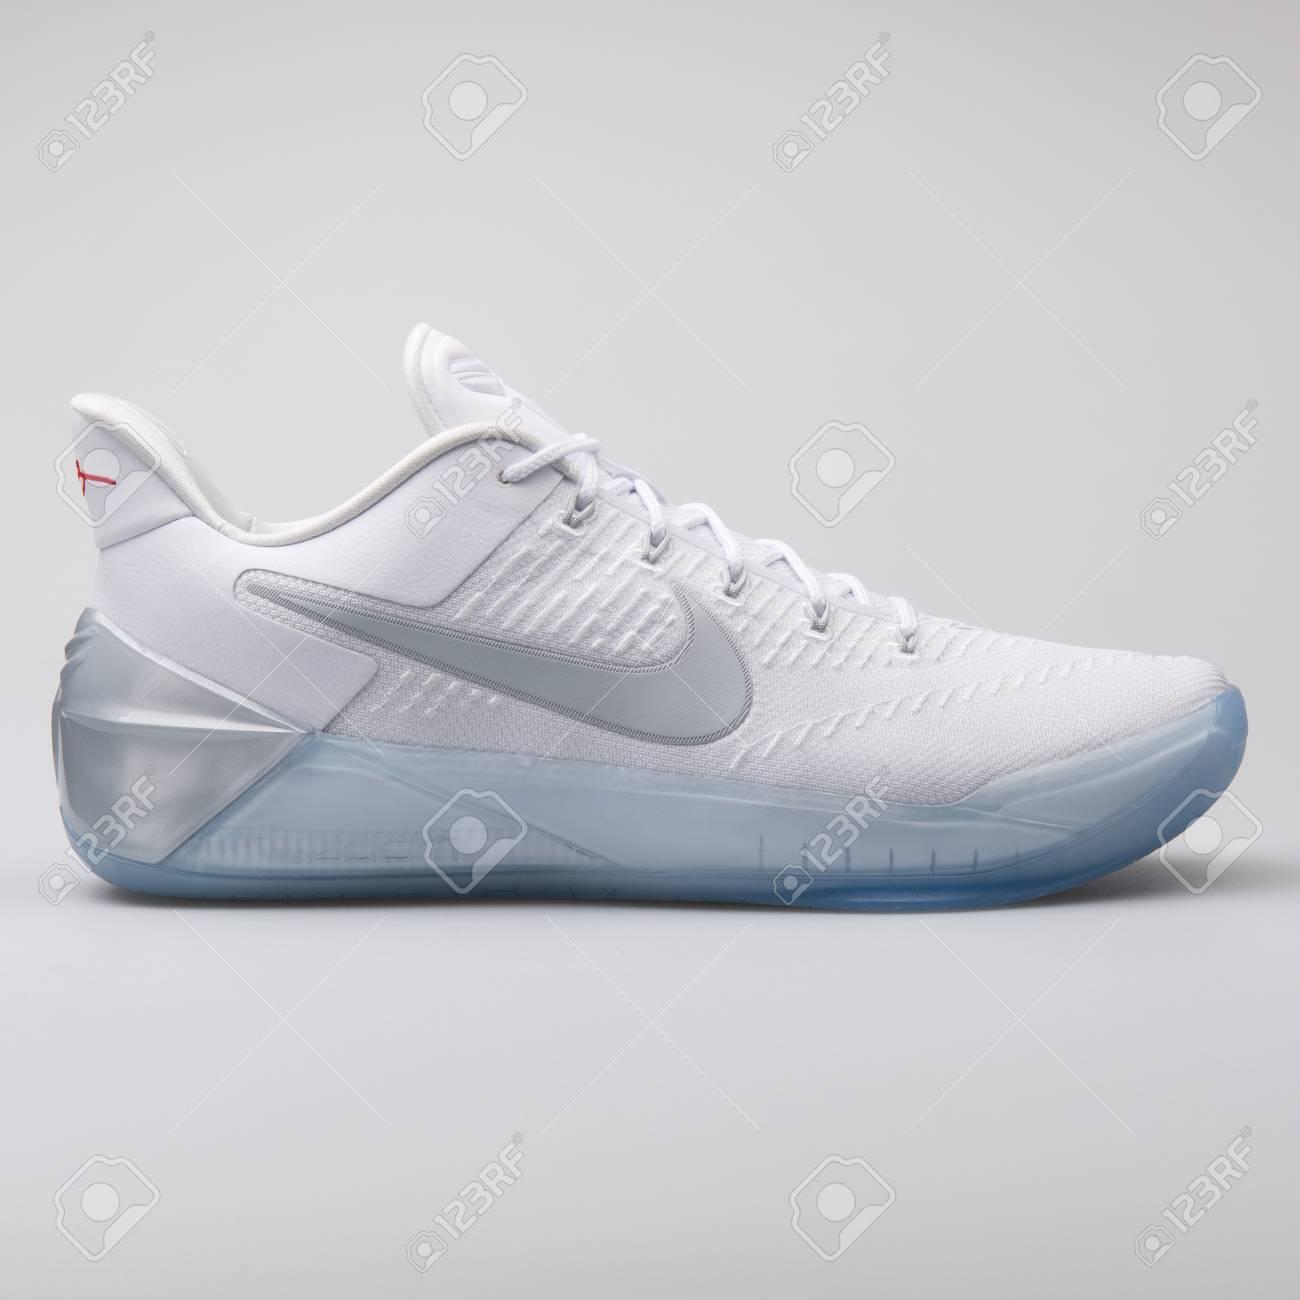 Nike Kobe A.D. White Sneaker.. Stock